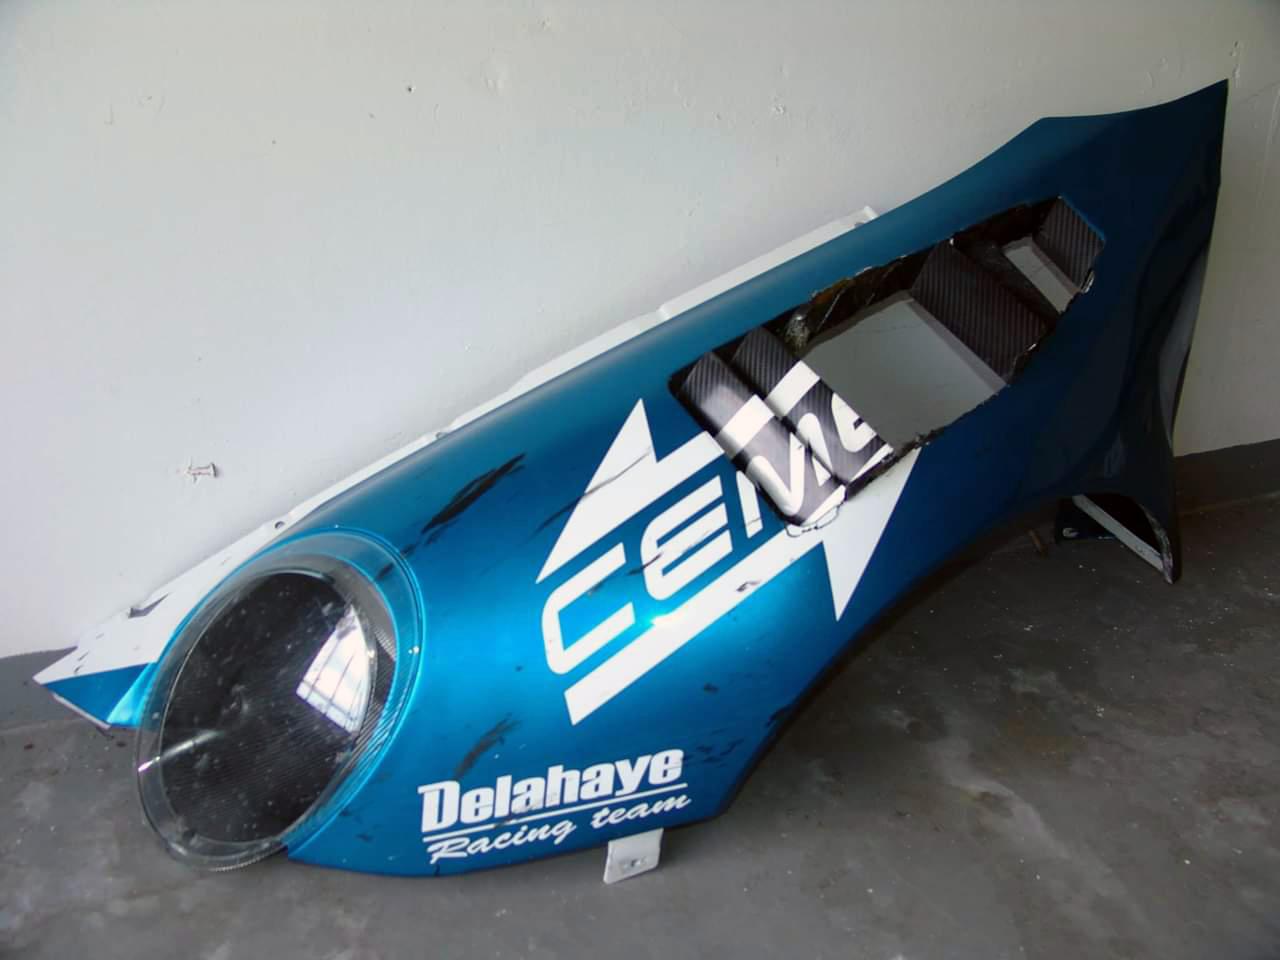 Réparation carbone Belgique Porsche 997 GT3 poly concept Composites aile avant (1)